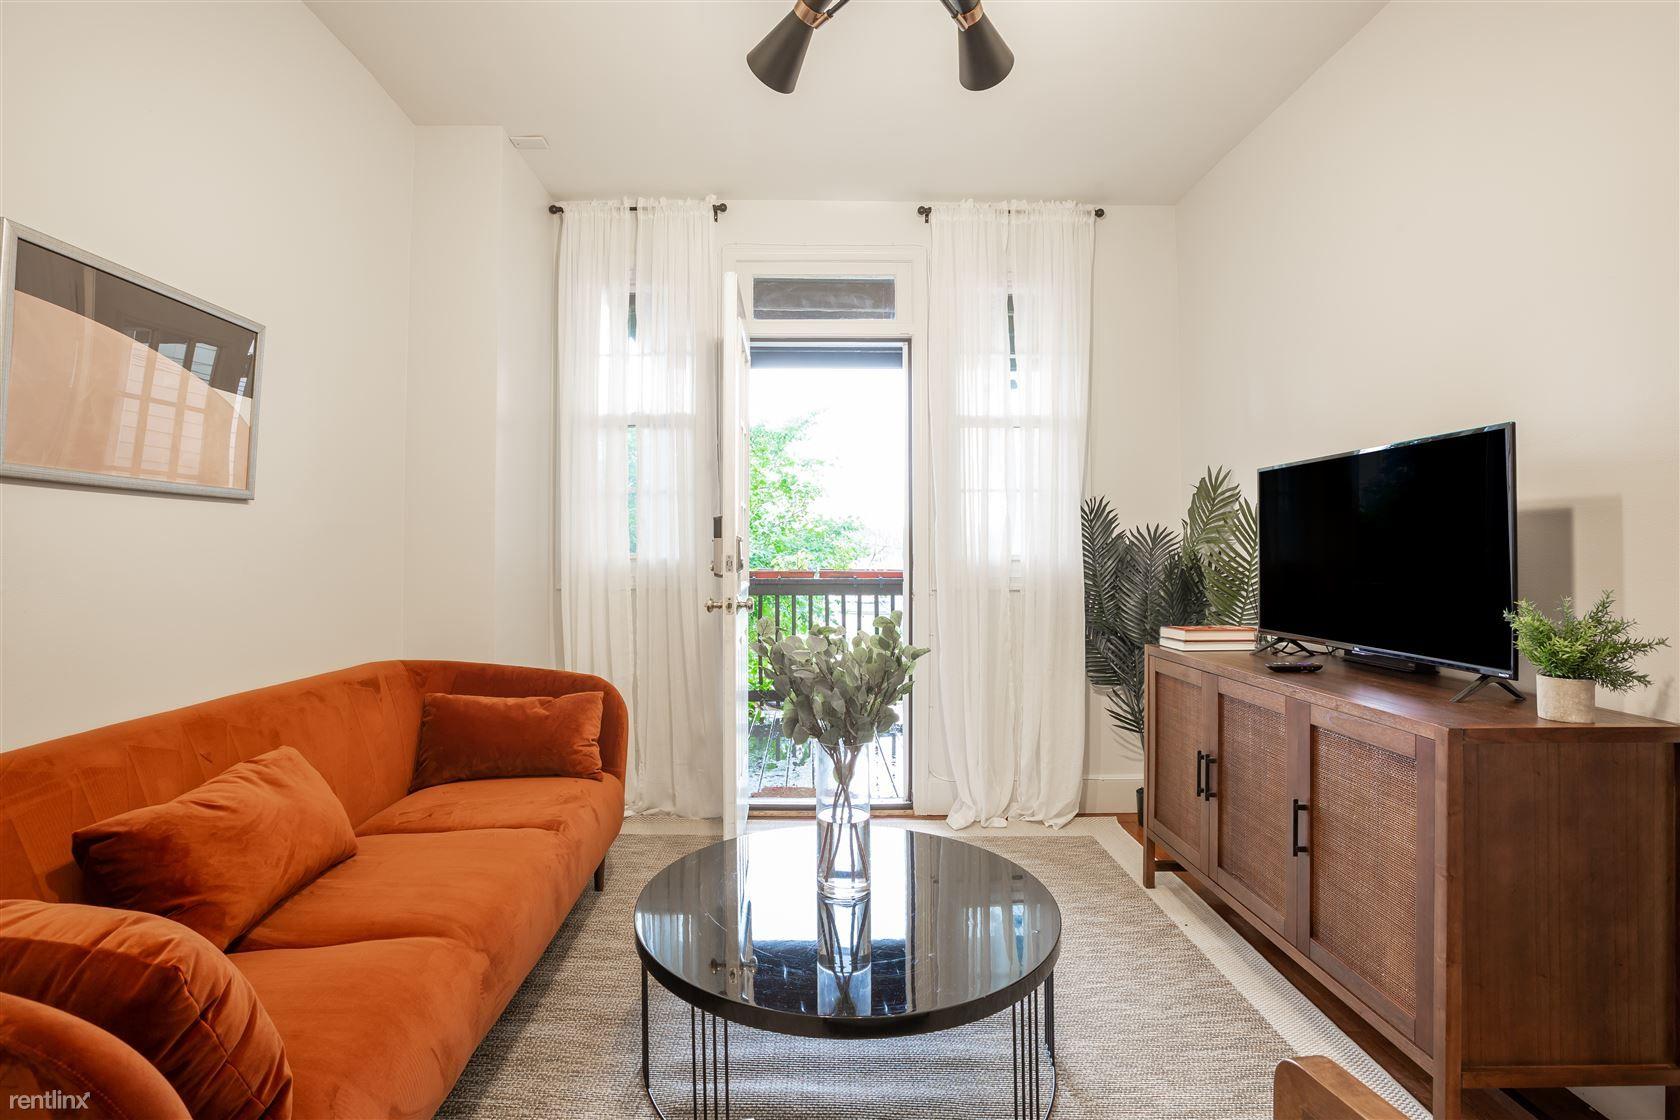 756 Fairmont St NW, Washington DC, DC, 20001 rental